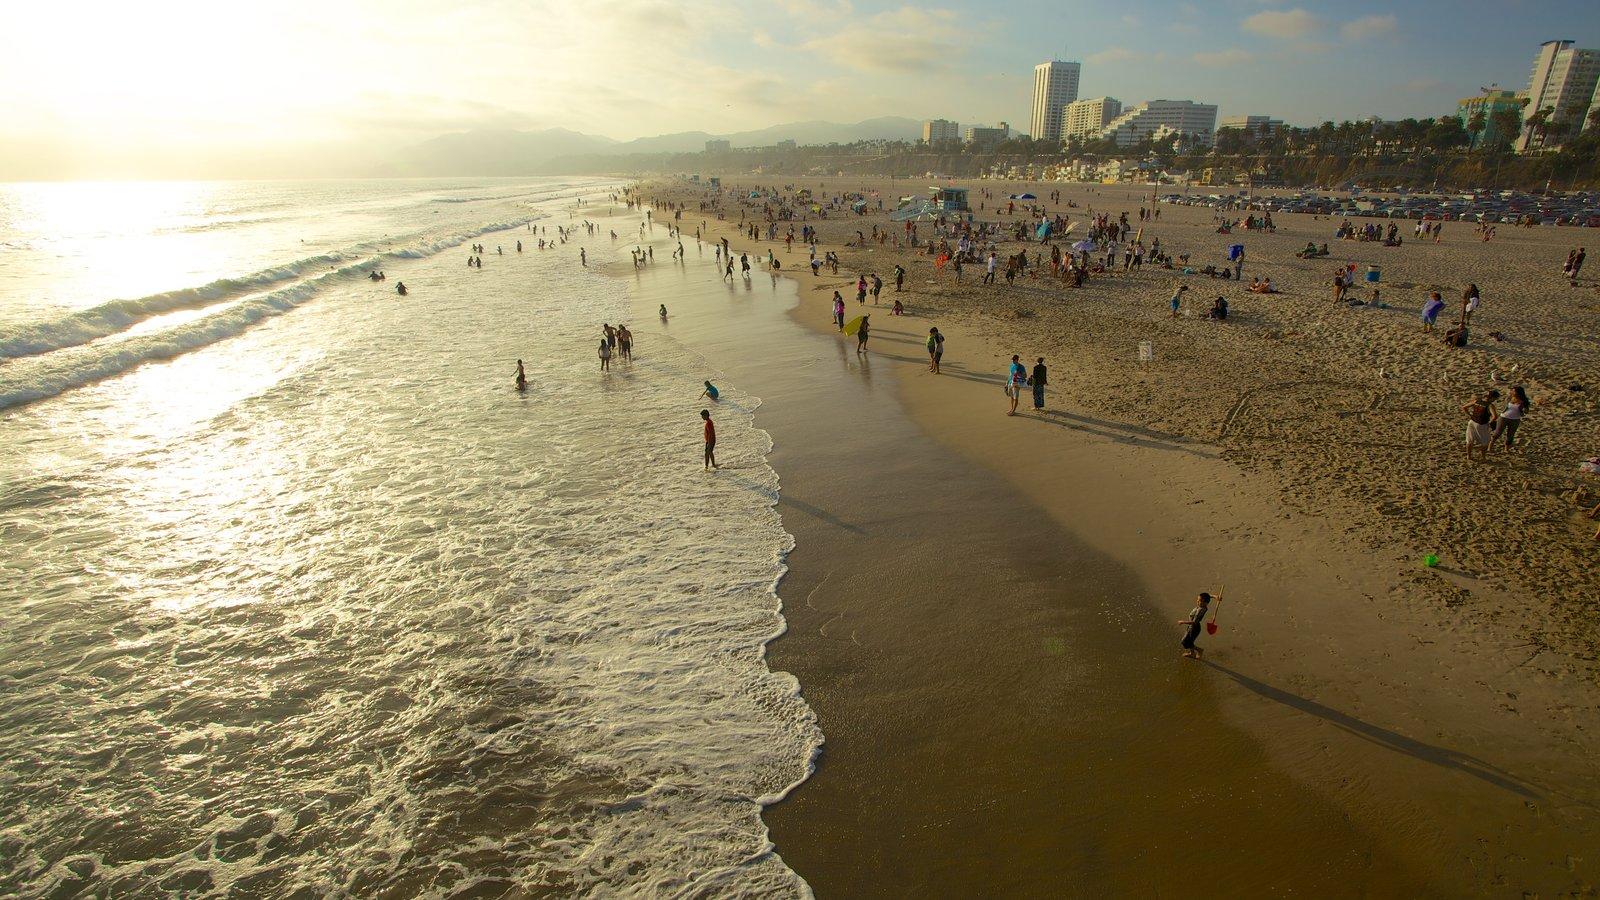 Píer de Santa Mônica mostrando um pôr do sol, paisagem e uma praia